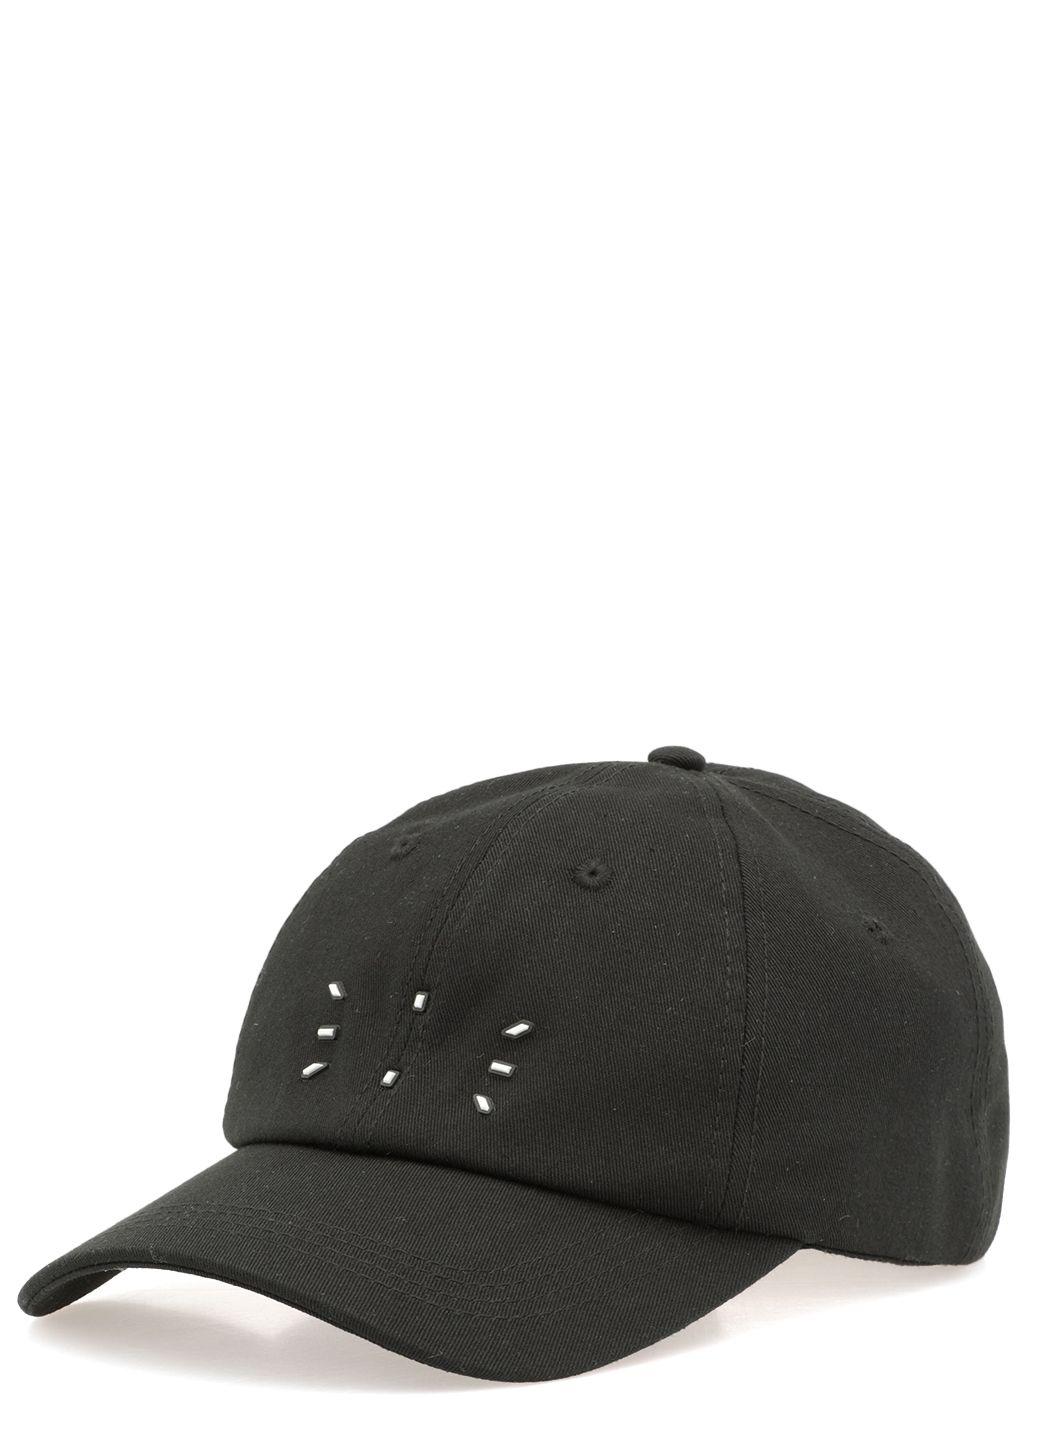 Icon 0: Baseball cap